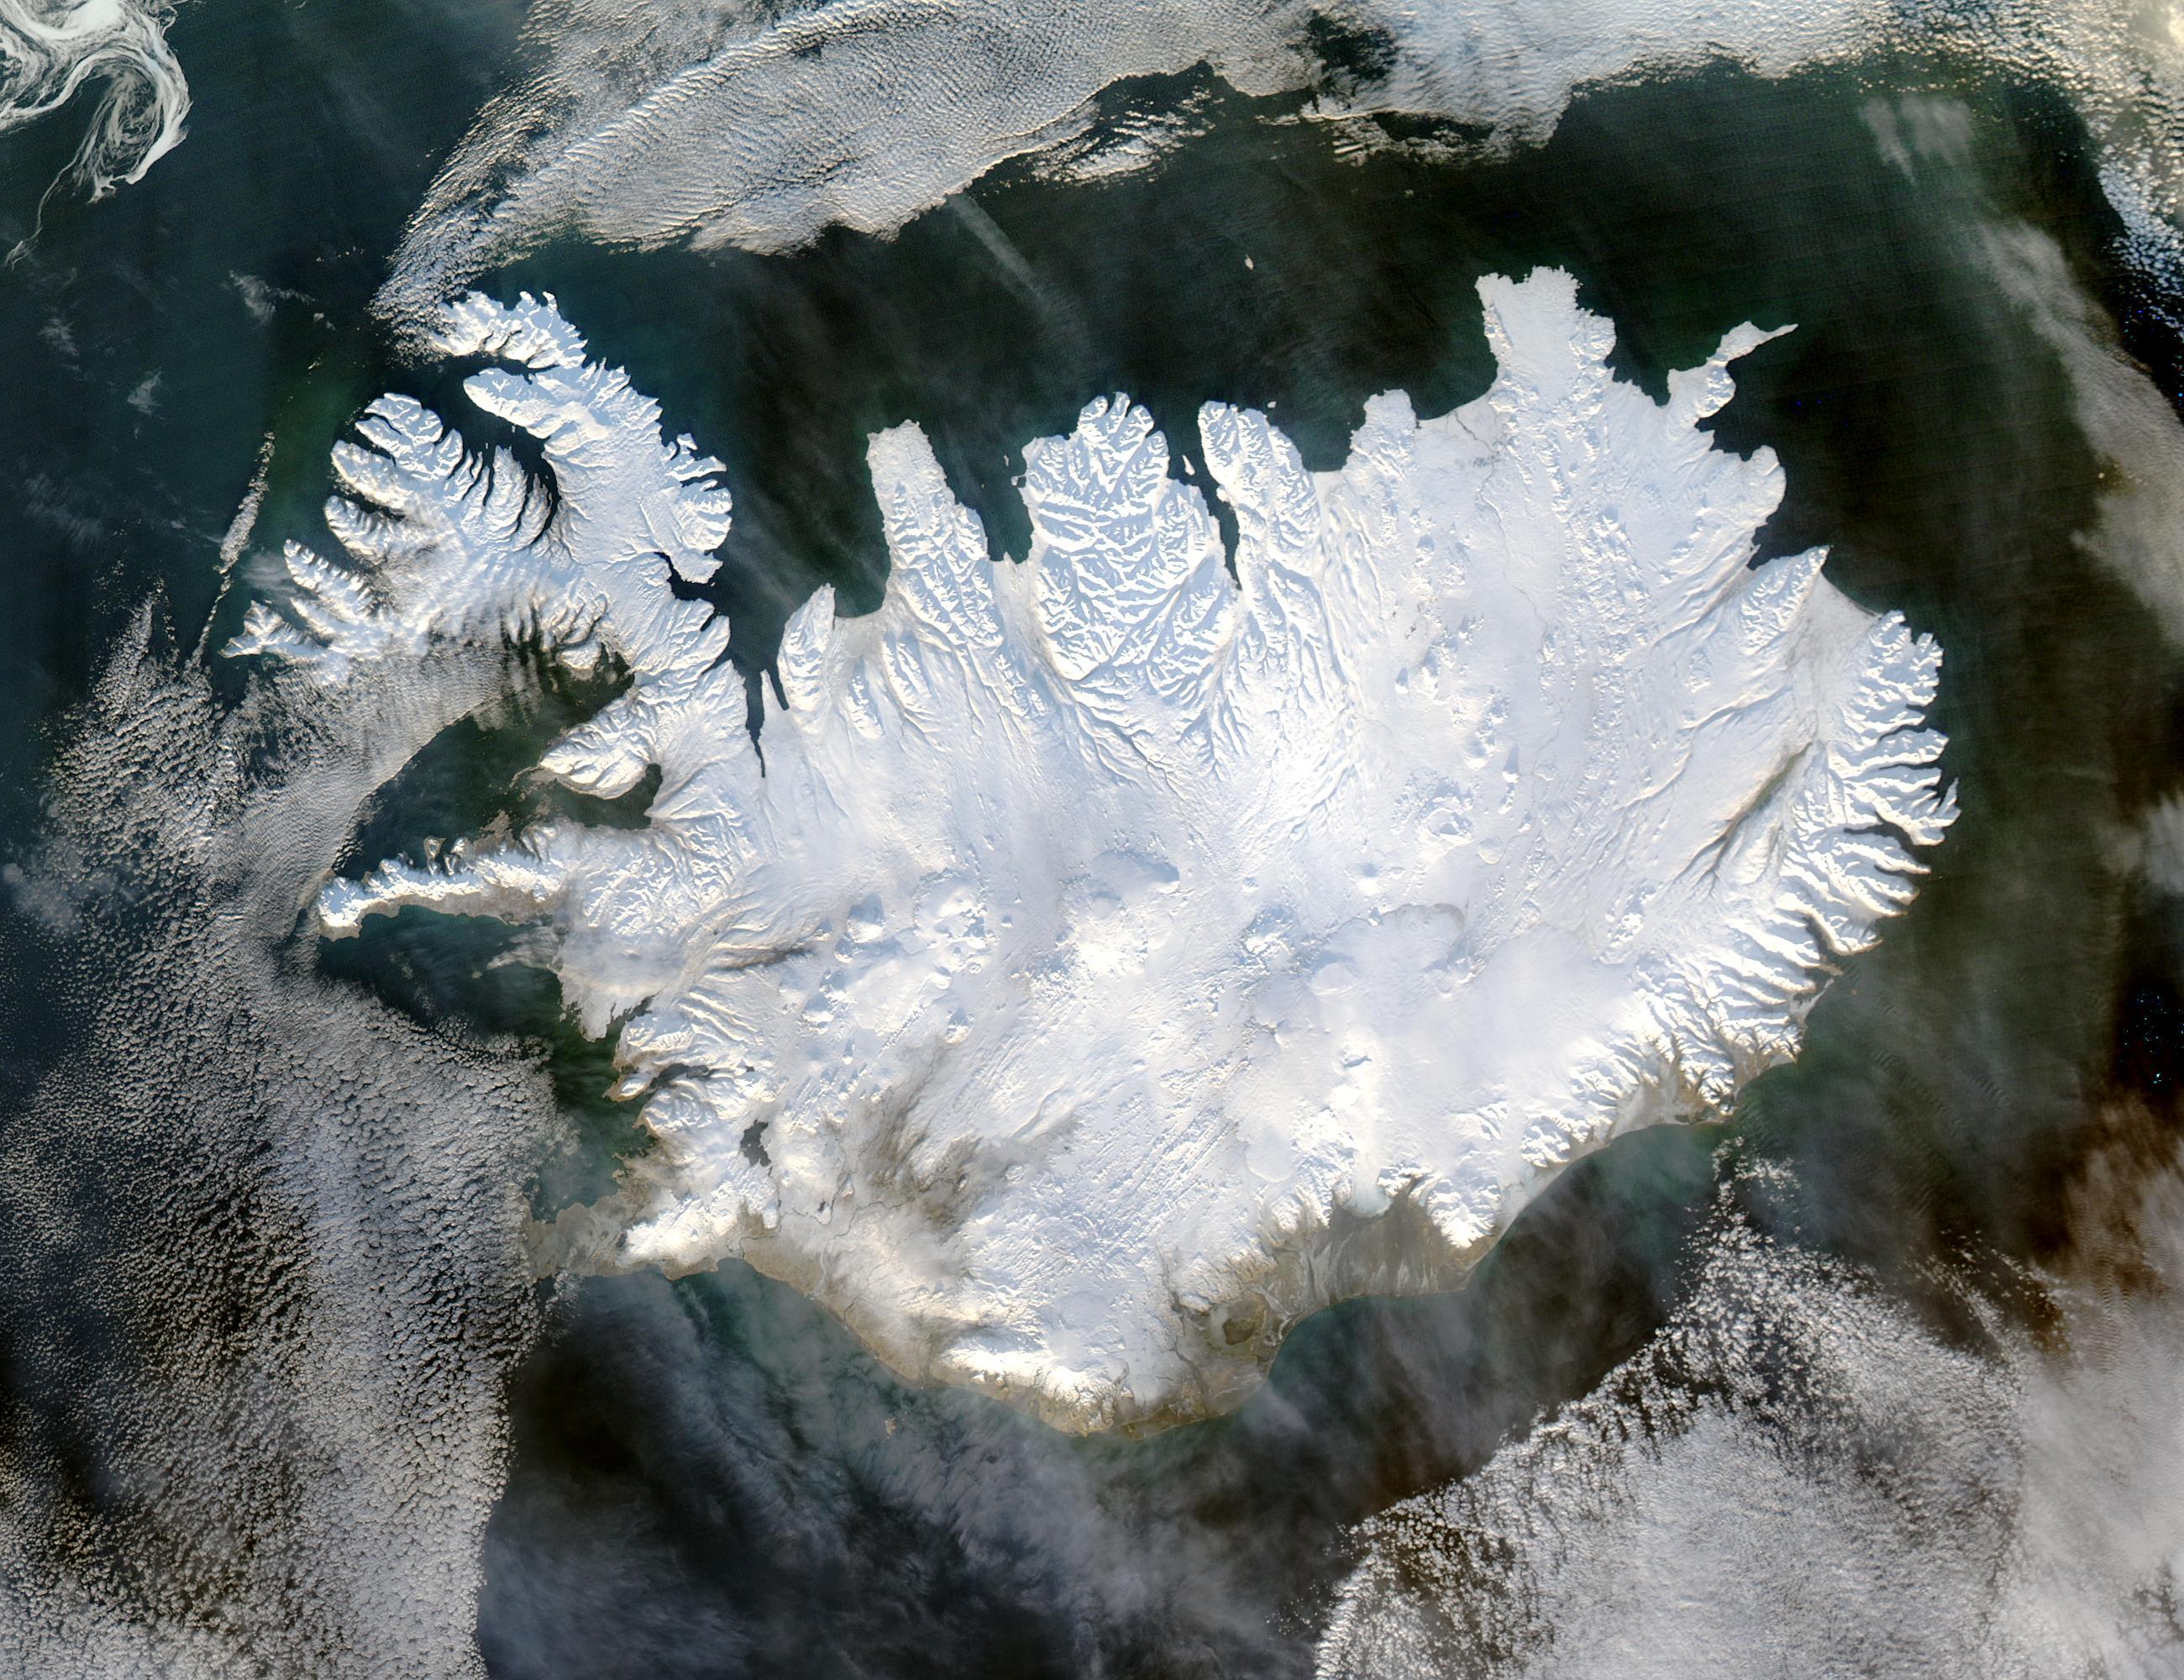 Tratamentul comun al Islandei artroza pe călcâie decât să trateze